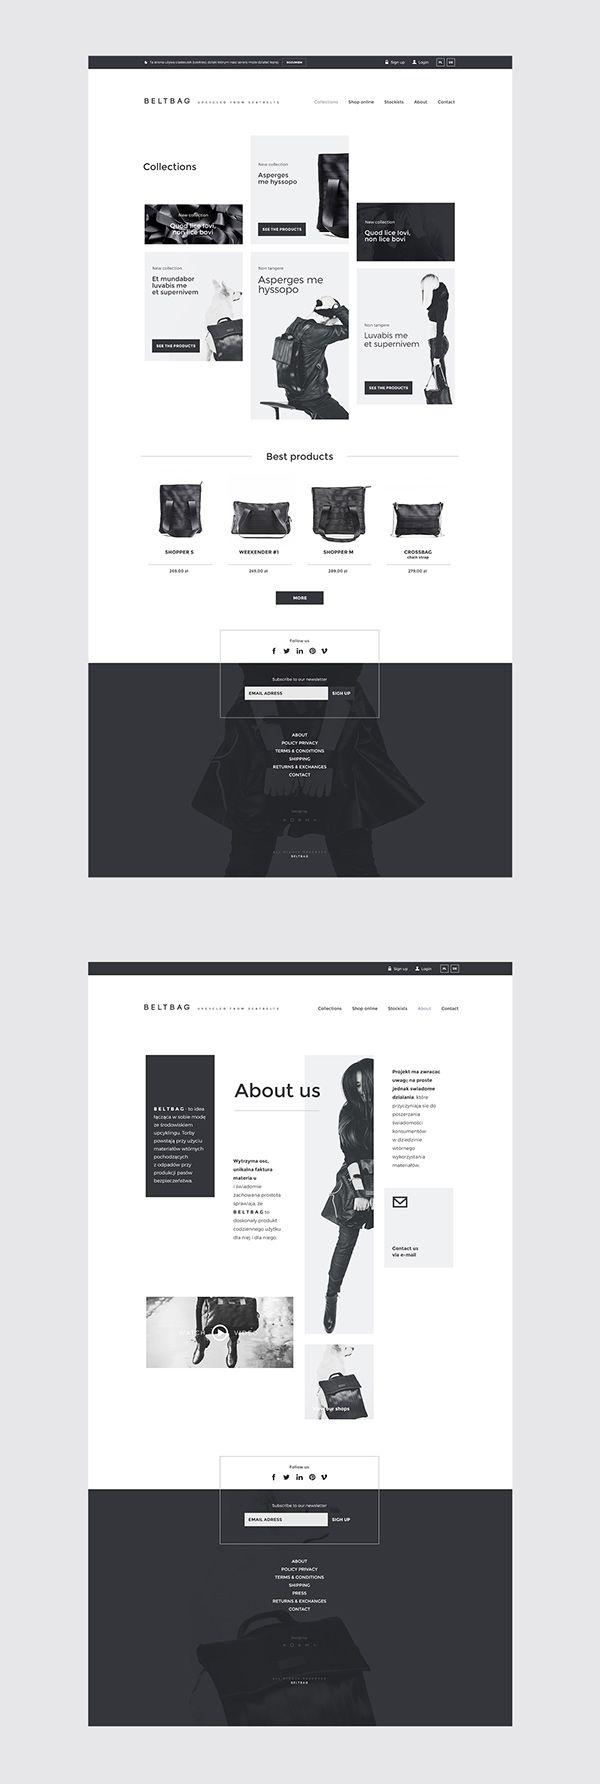 Beltbag Website on Web Design Served